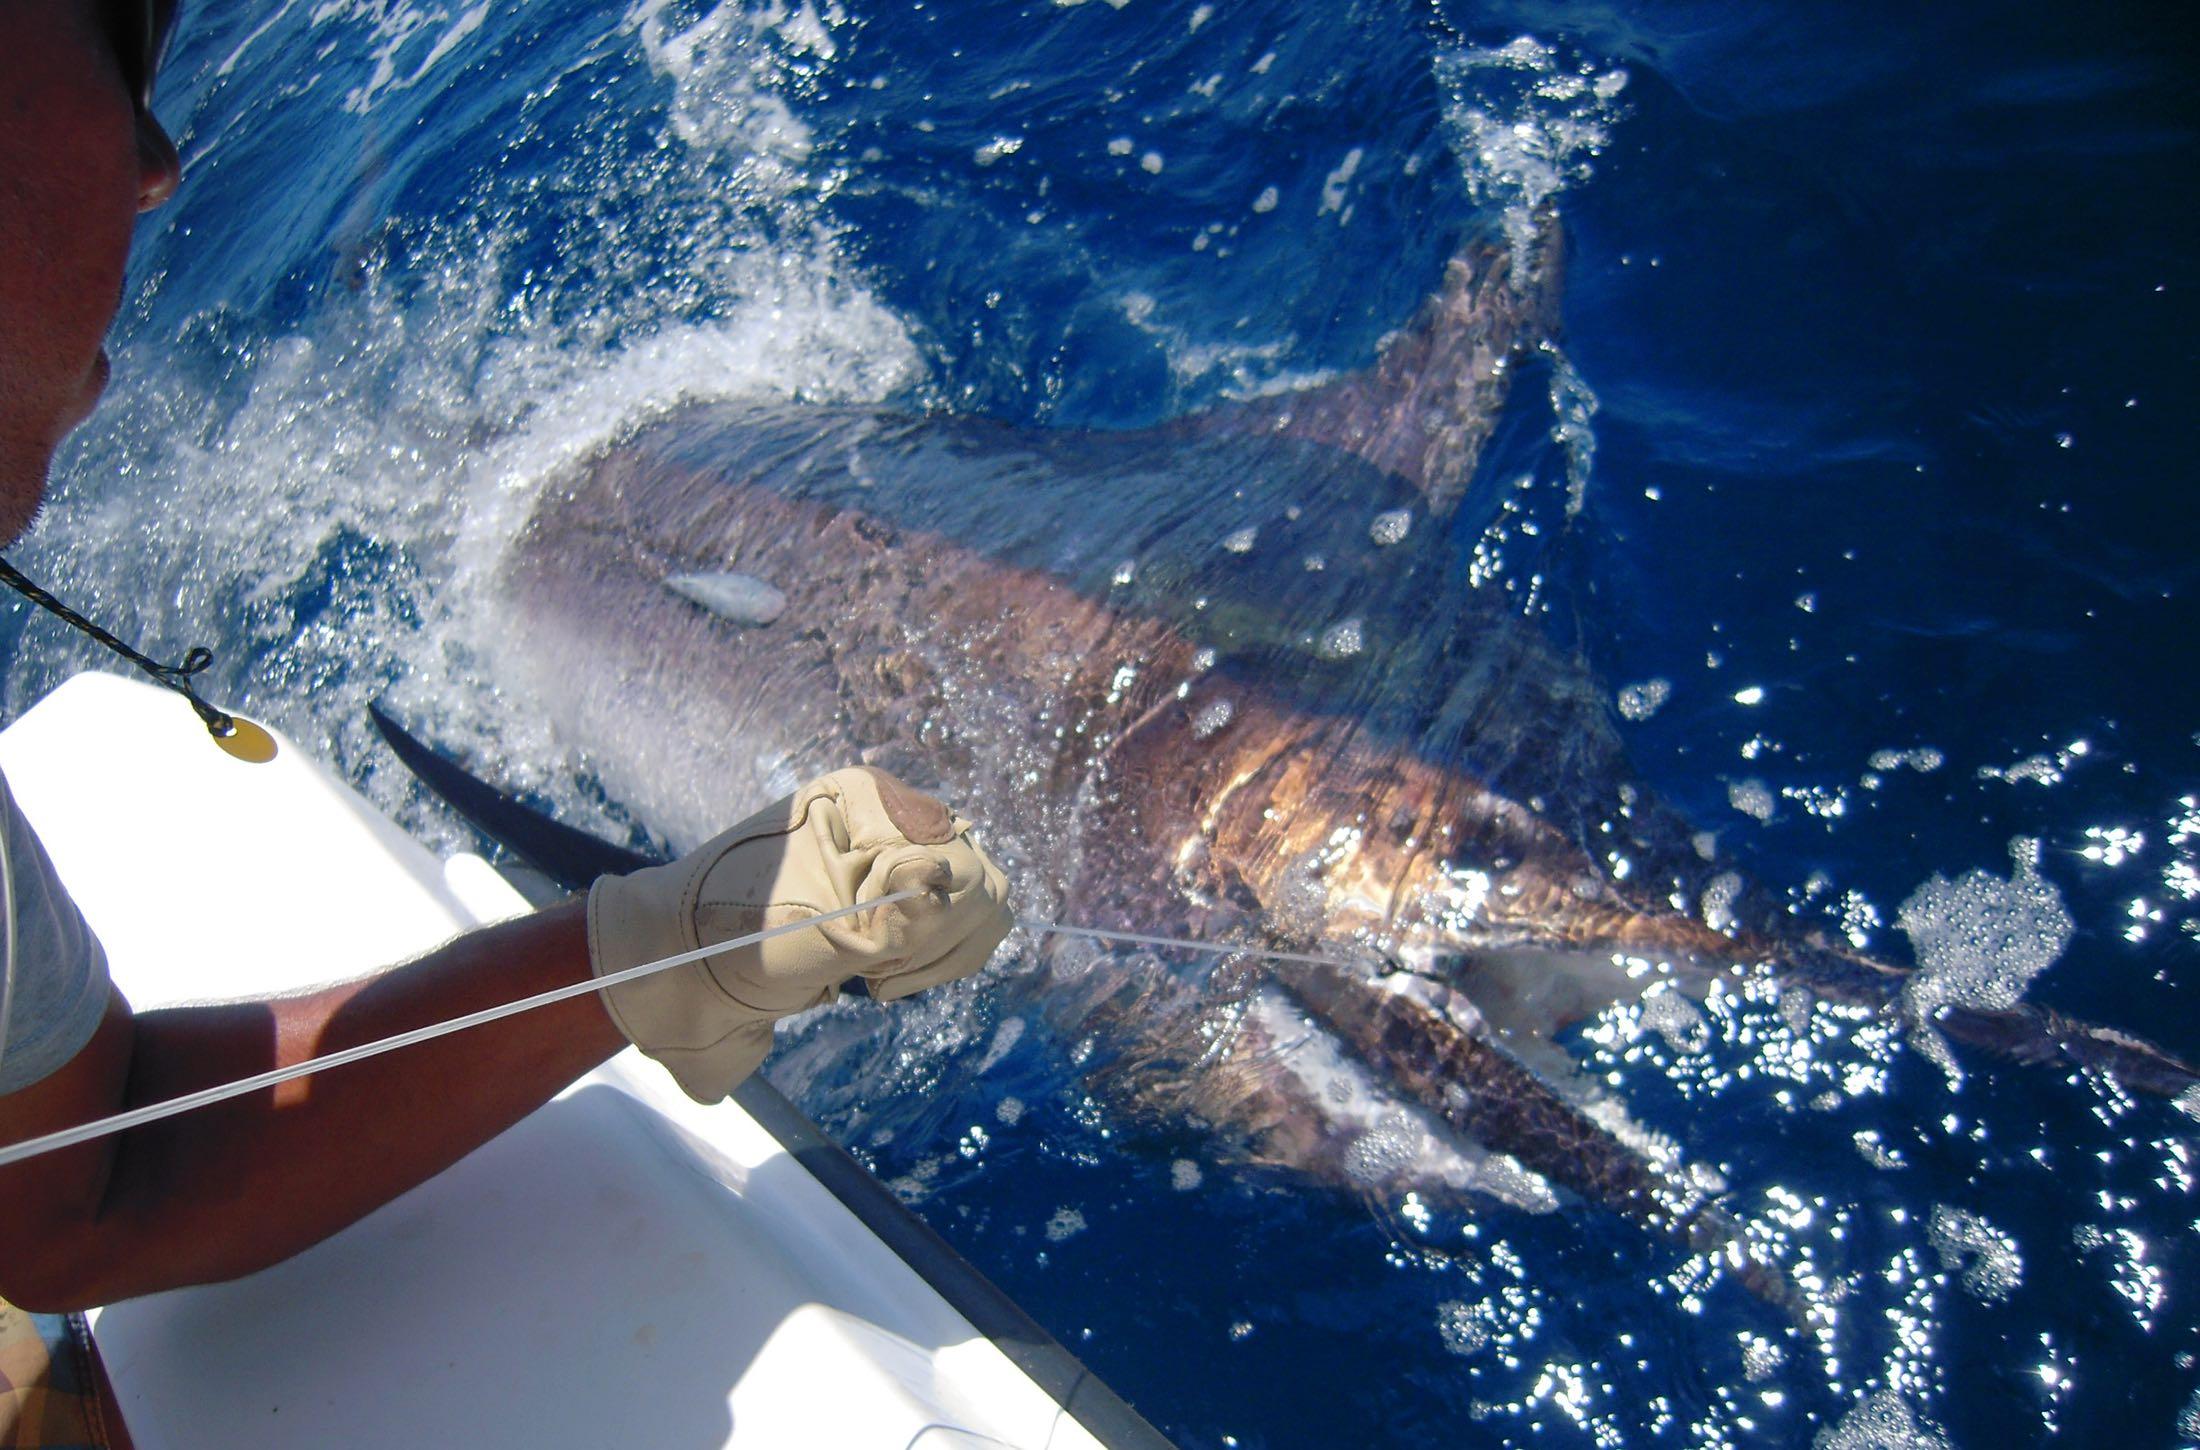 The Big Marlin